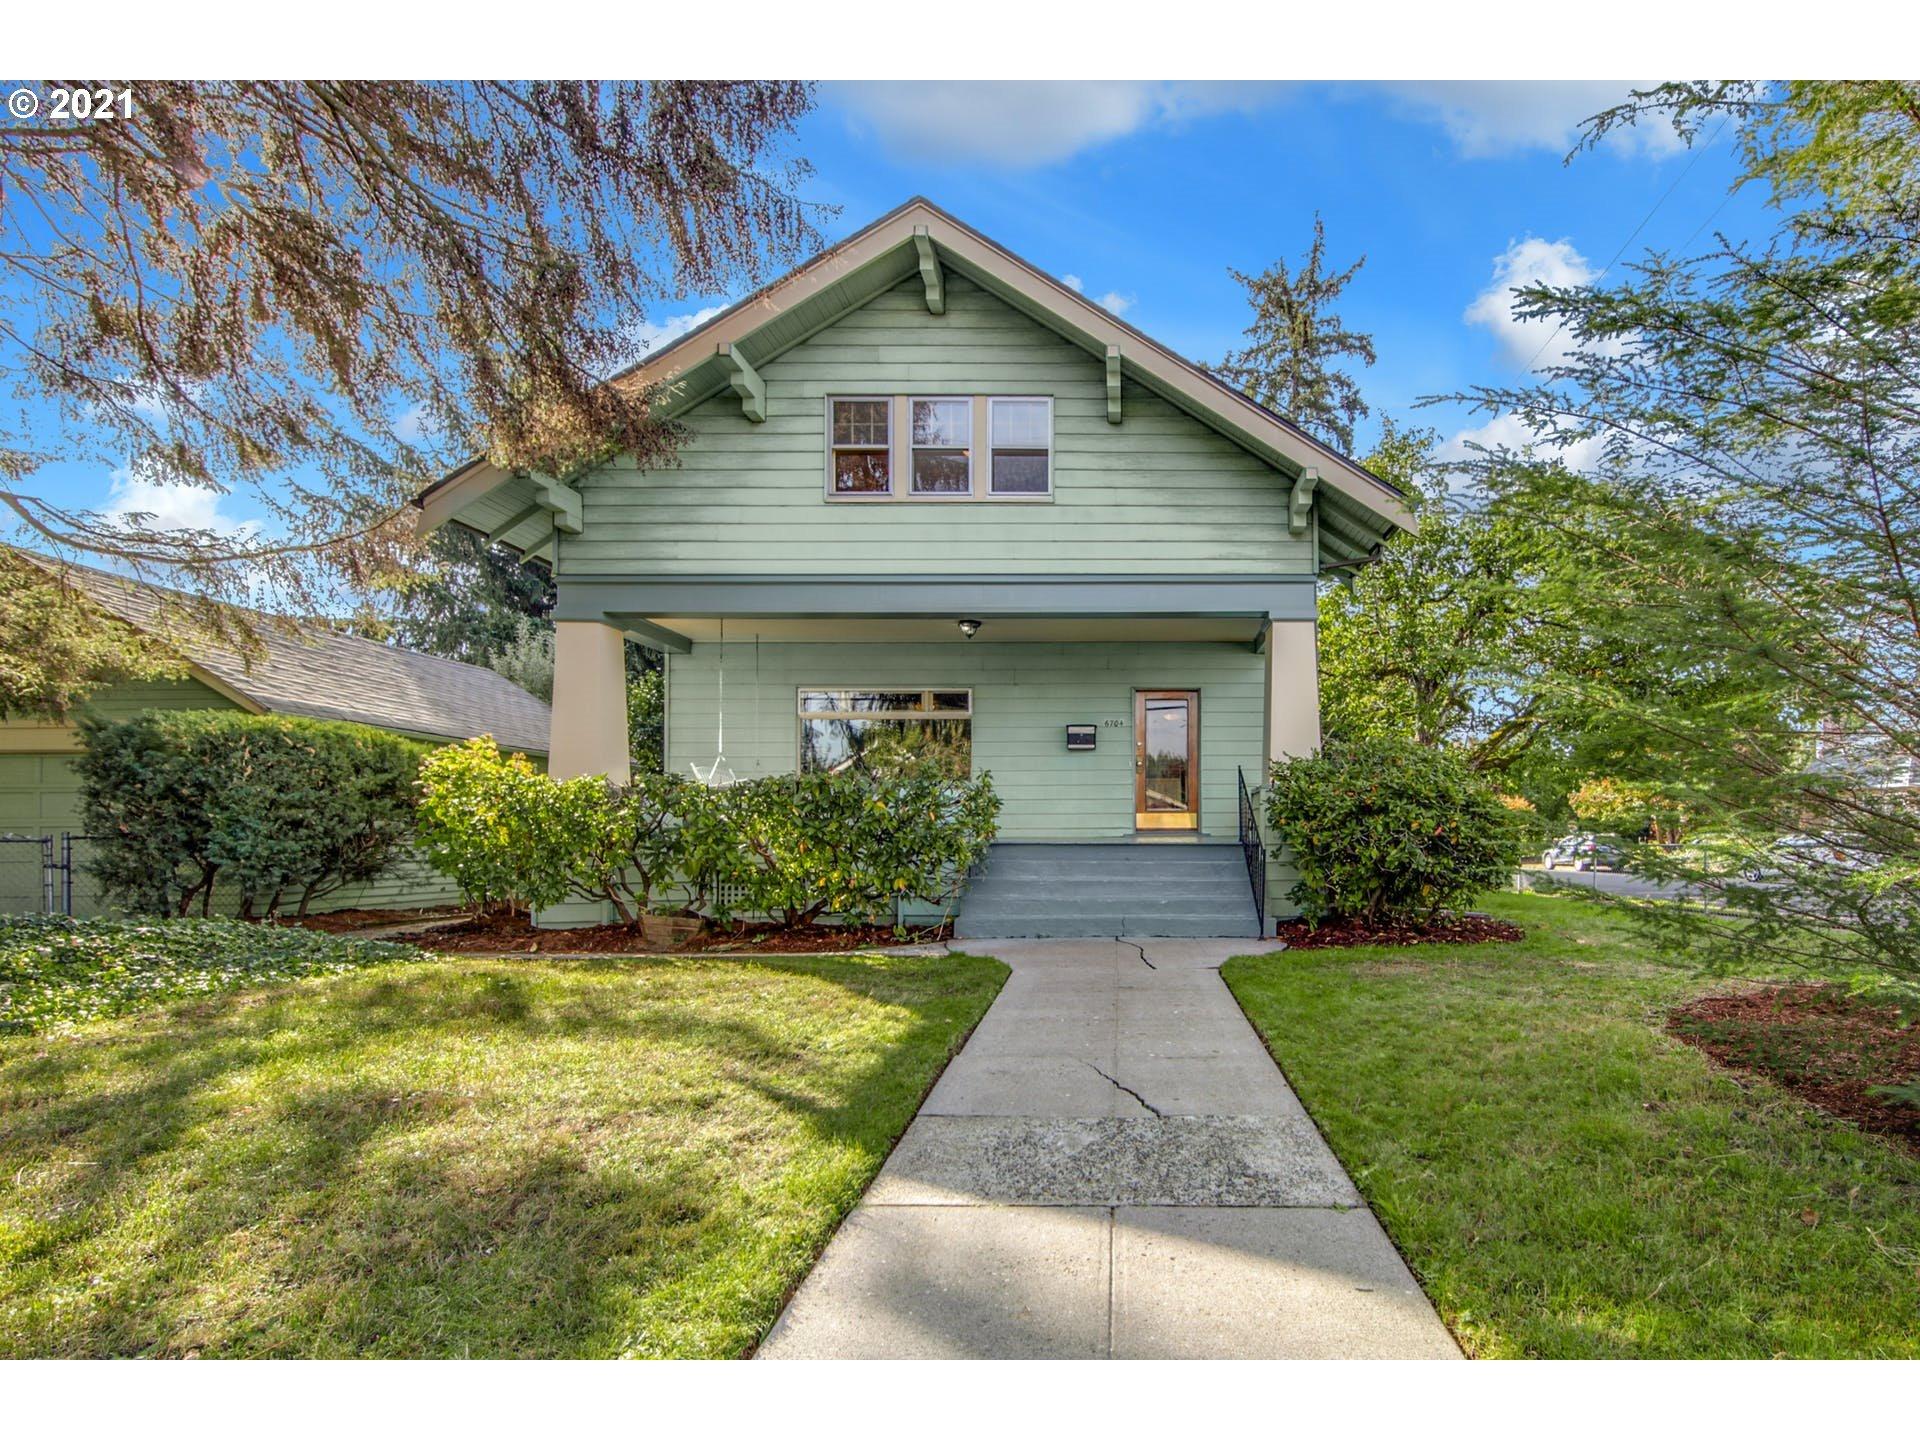 6704 SE BROOKLYN ST, Portland OR 97206